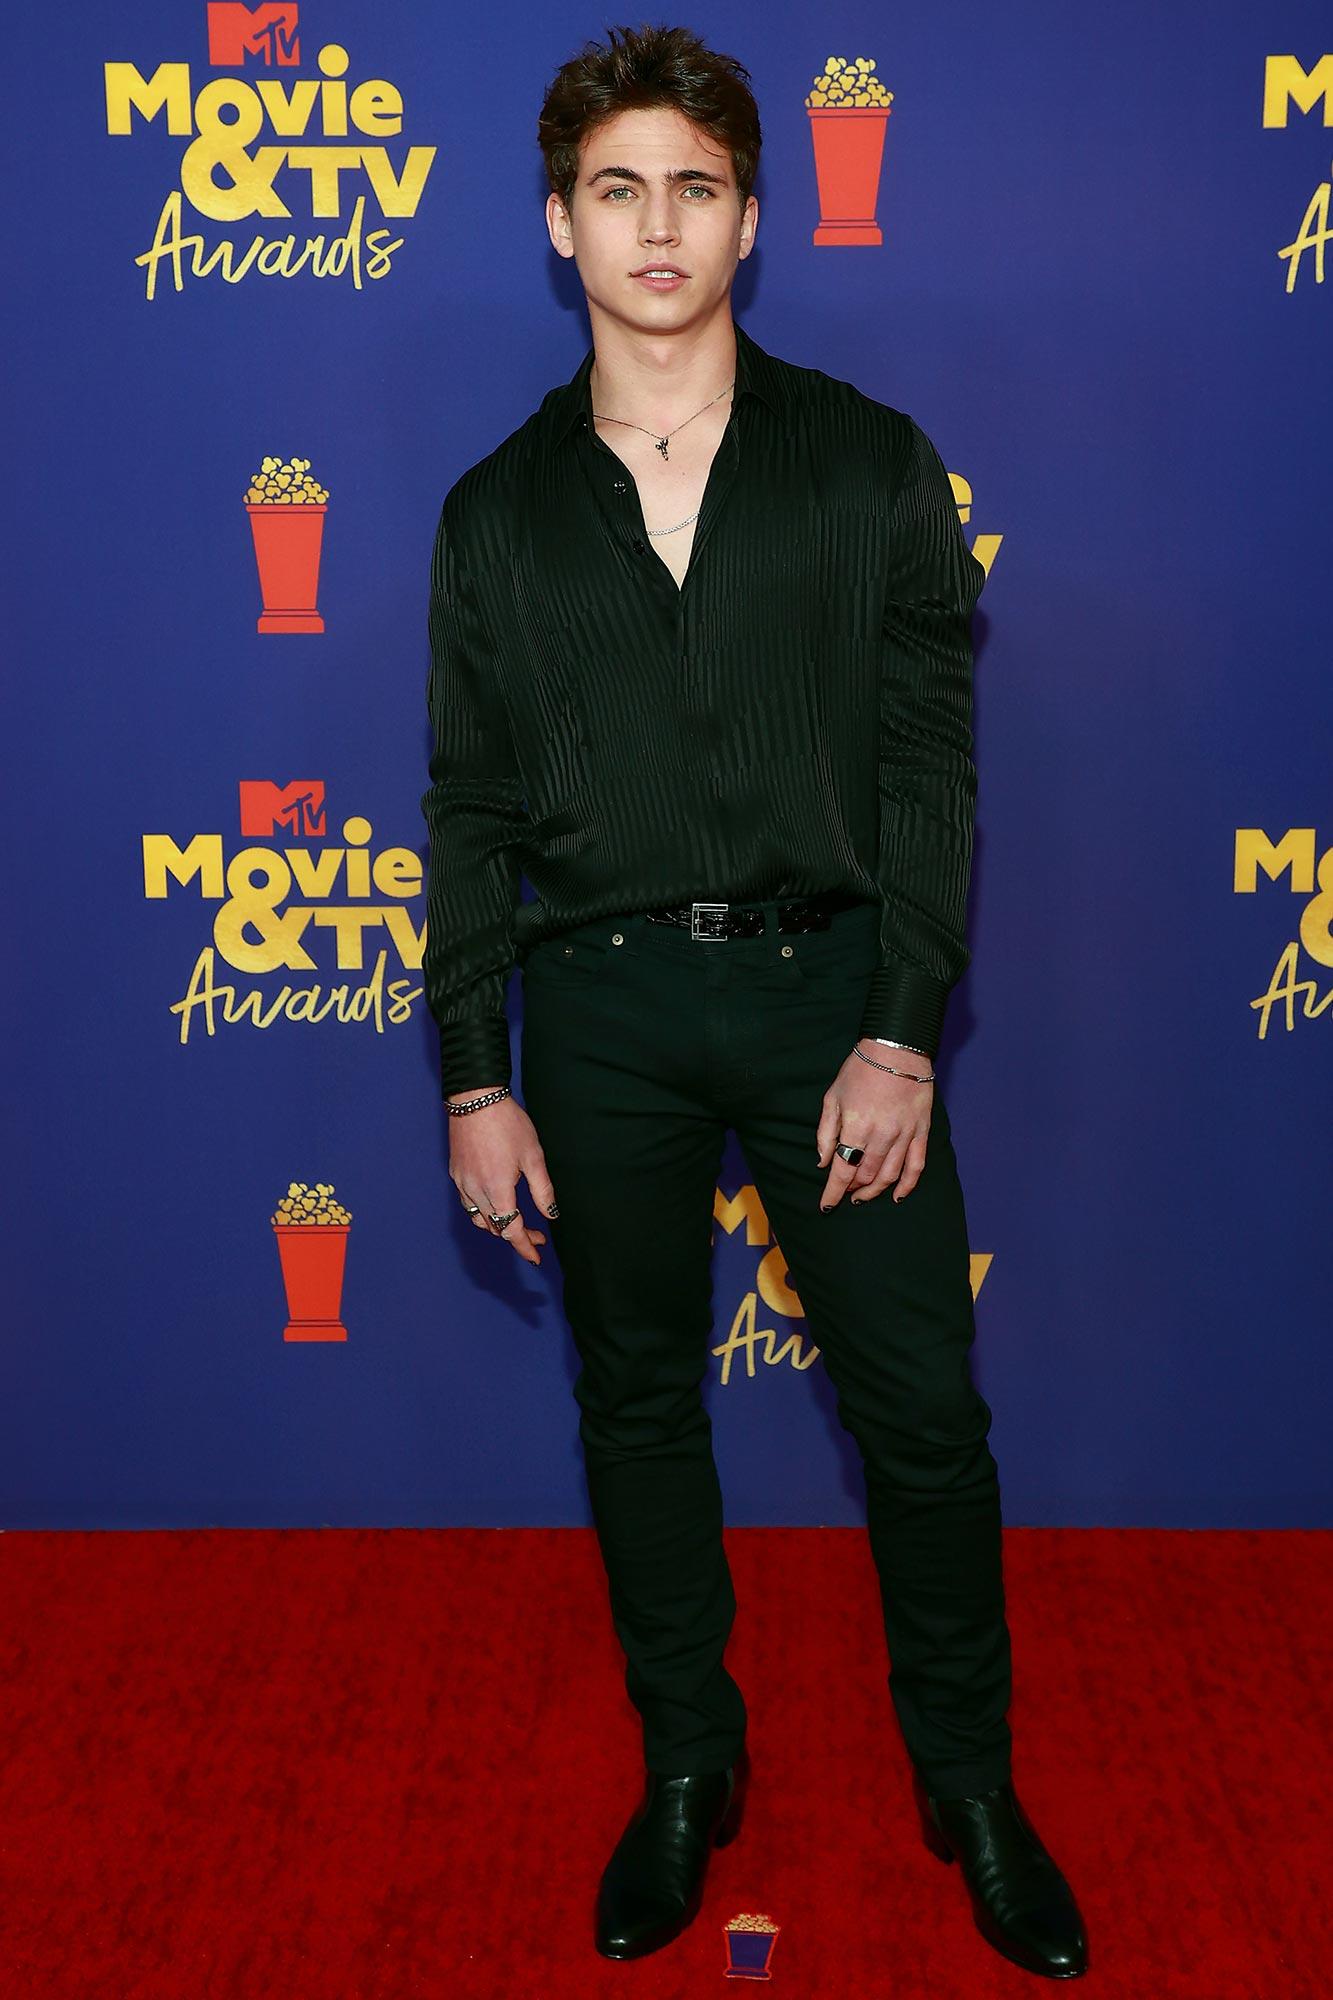 MTV Movie & TV Awards Tanner Buchanan